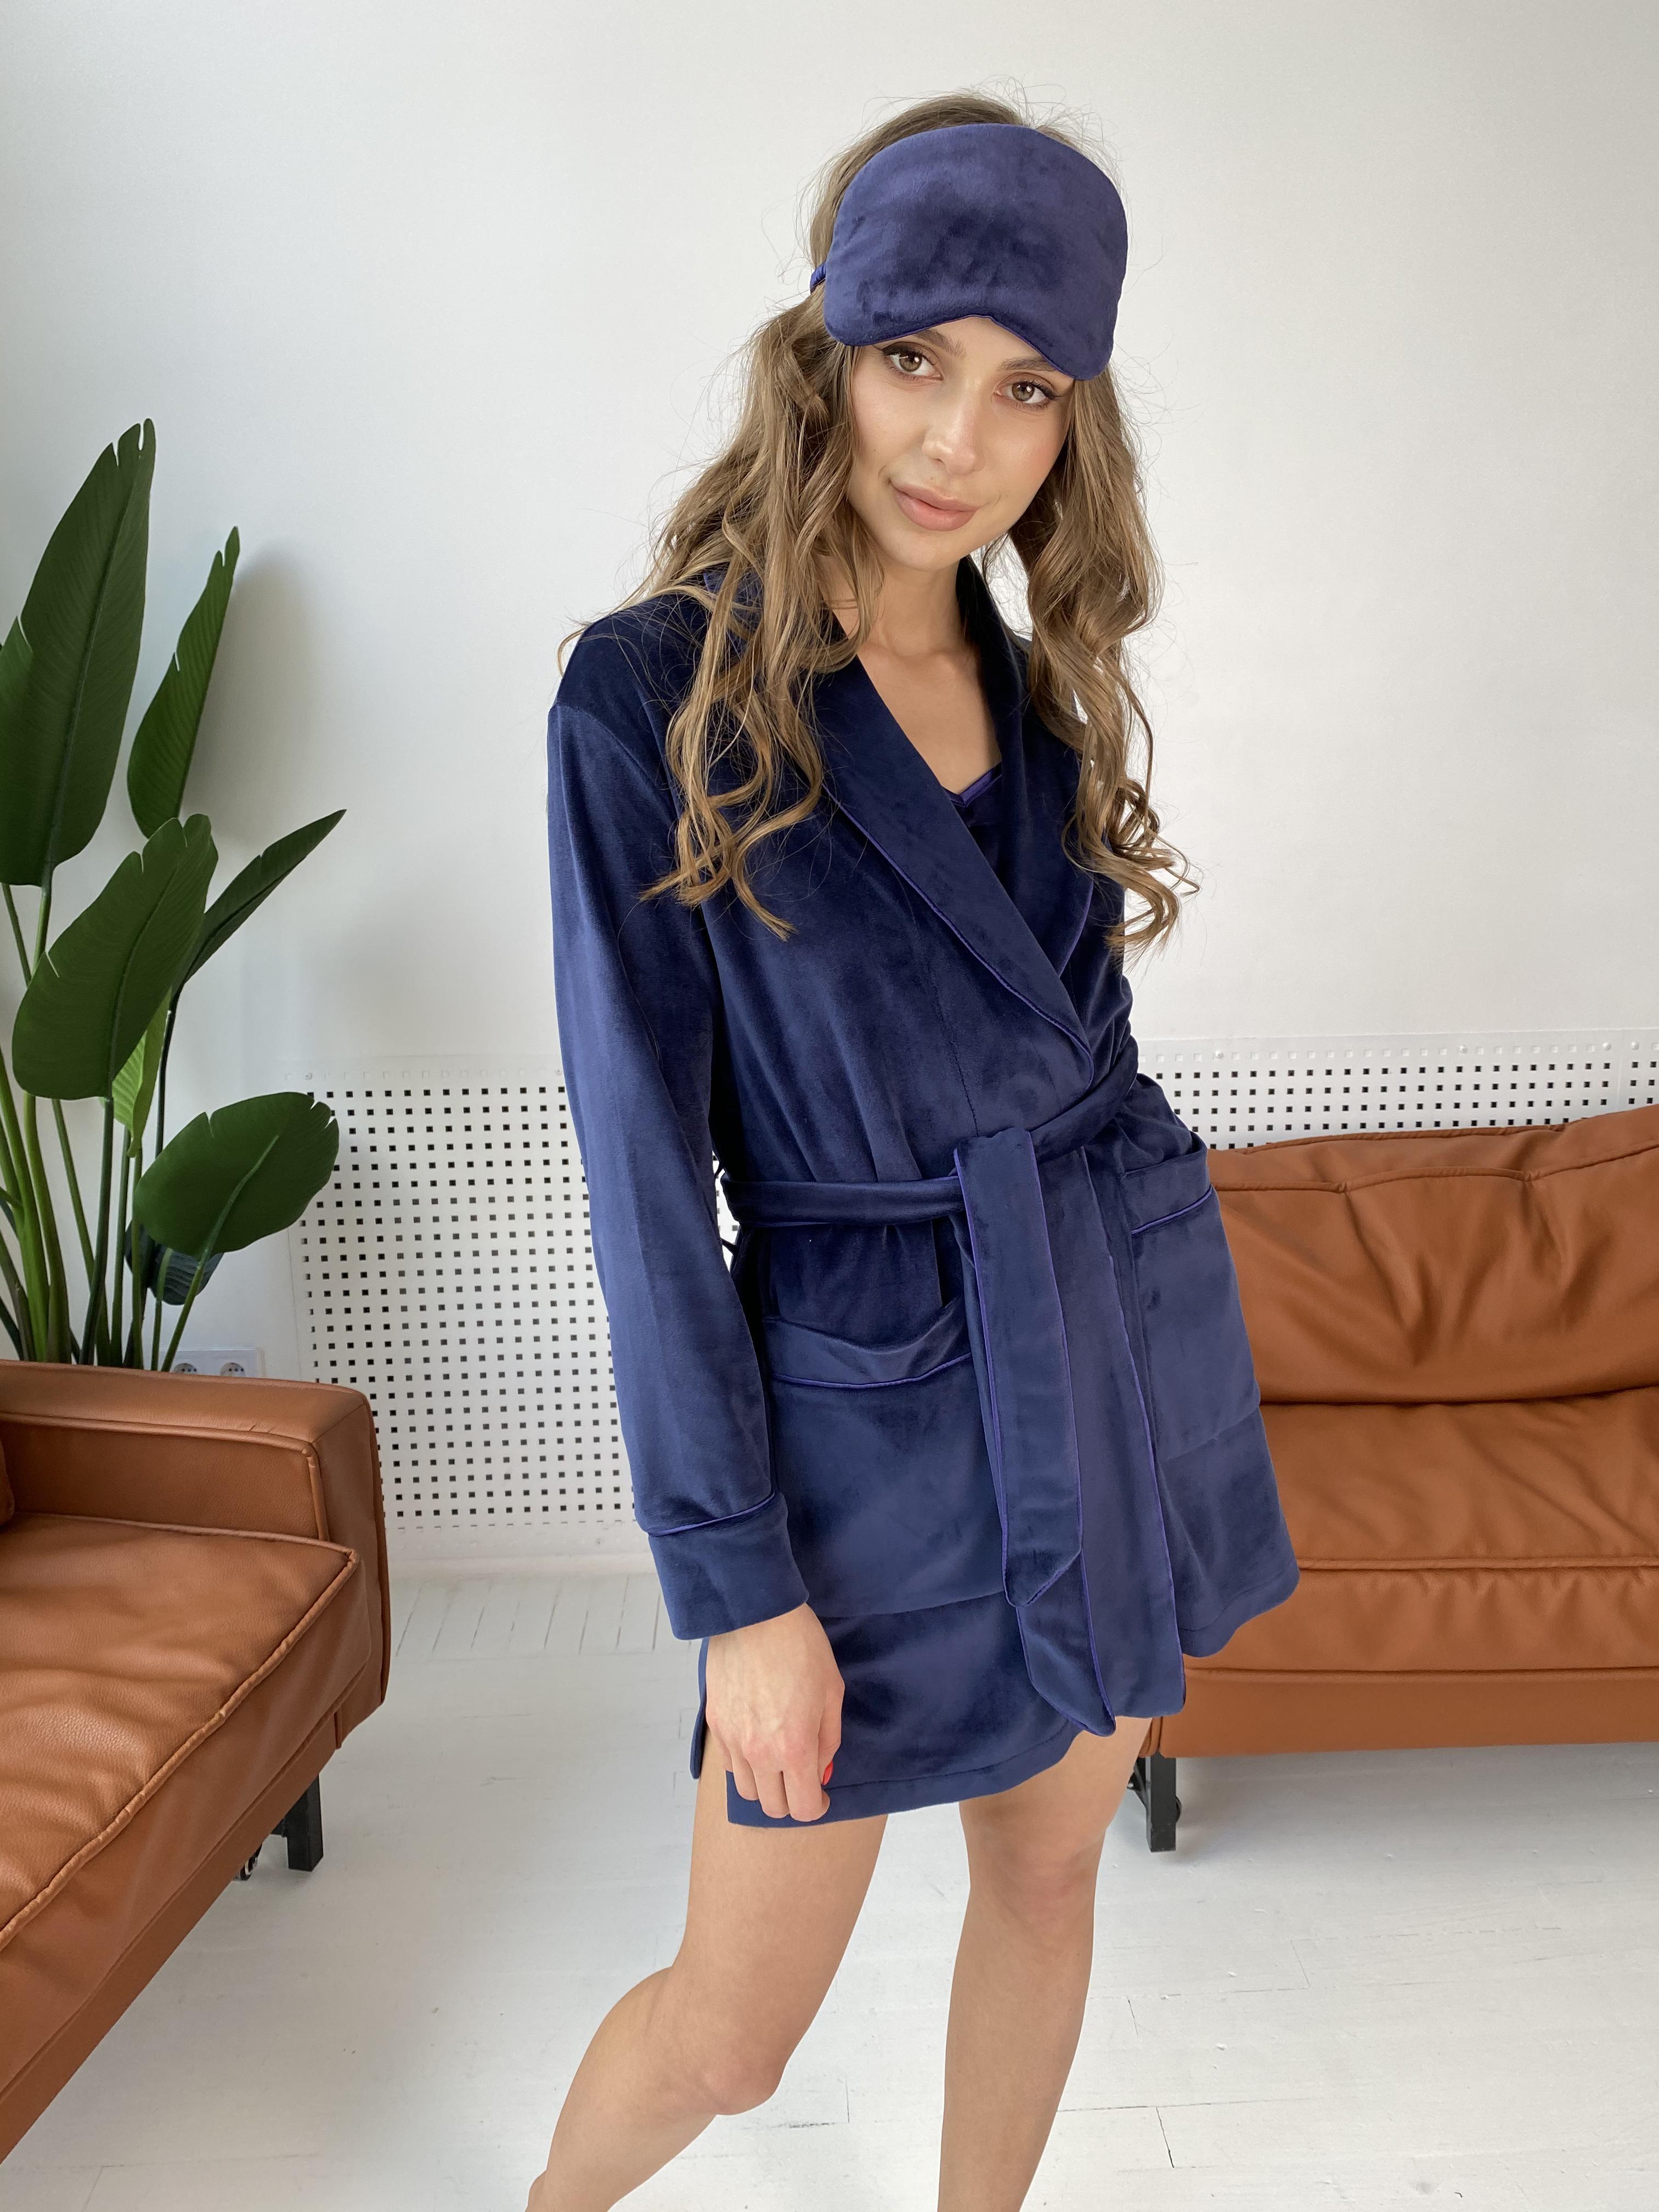 Купить женскую одежду оптом Сандрин халат  велюр   атлас 10466